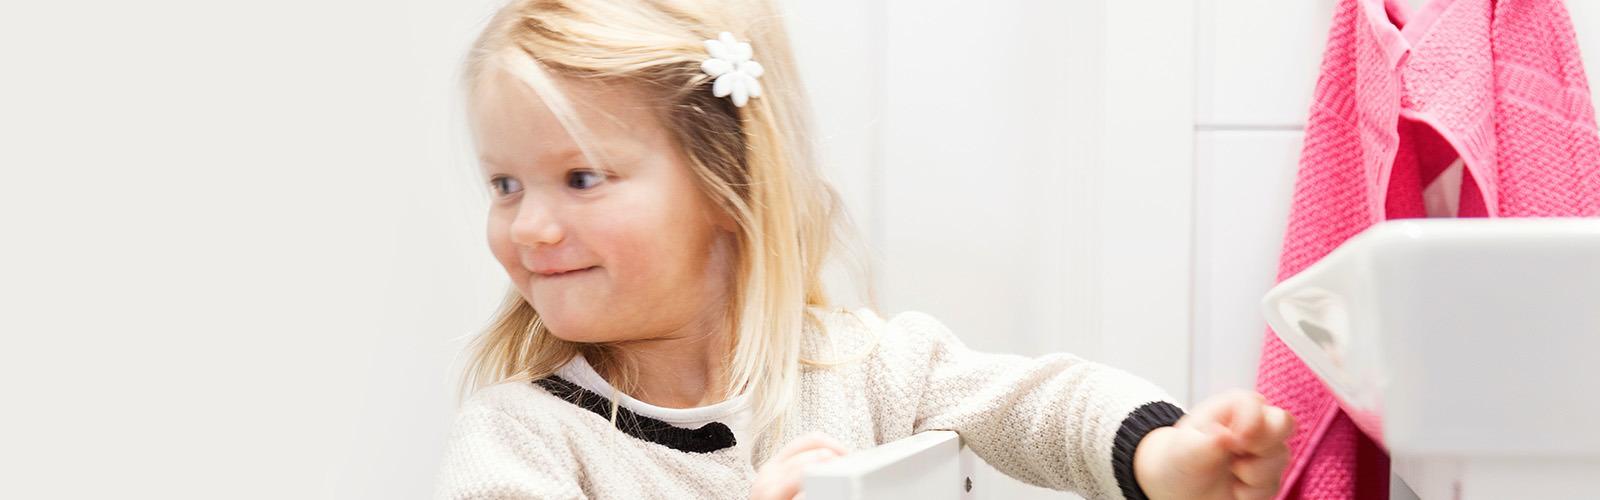 O fetiță neastâmpărată de 3 ani se întoarce spre cineva în timp ce deschide un sertar din baie, mândră că o poate face singură.